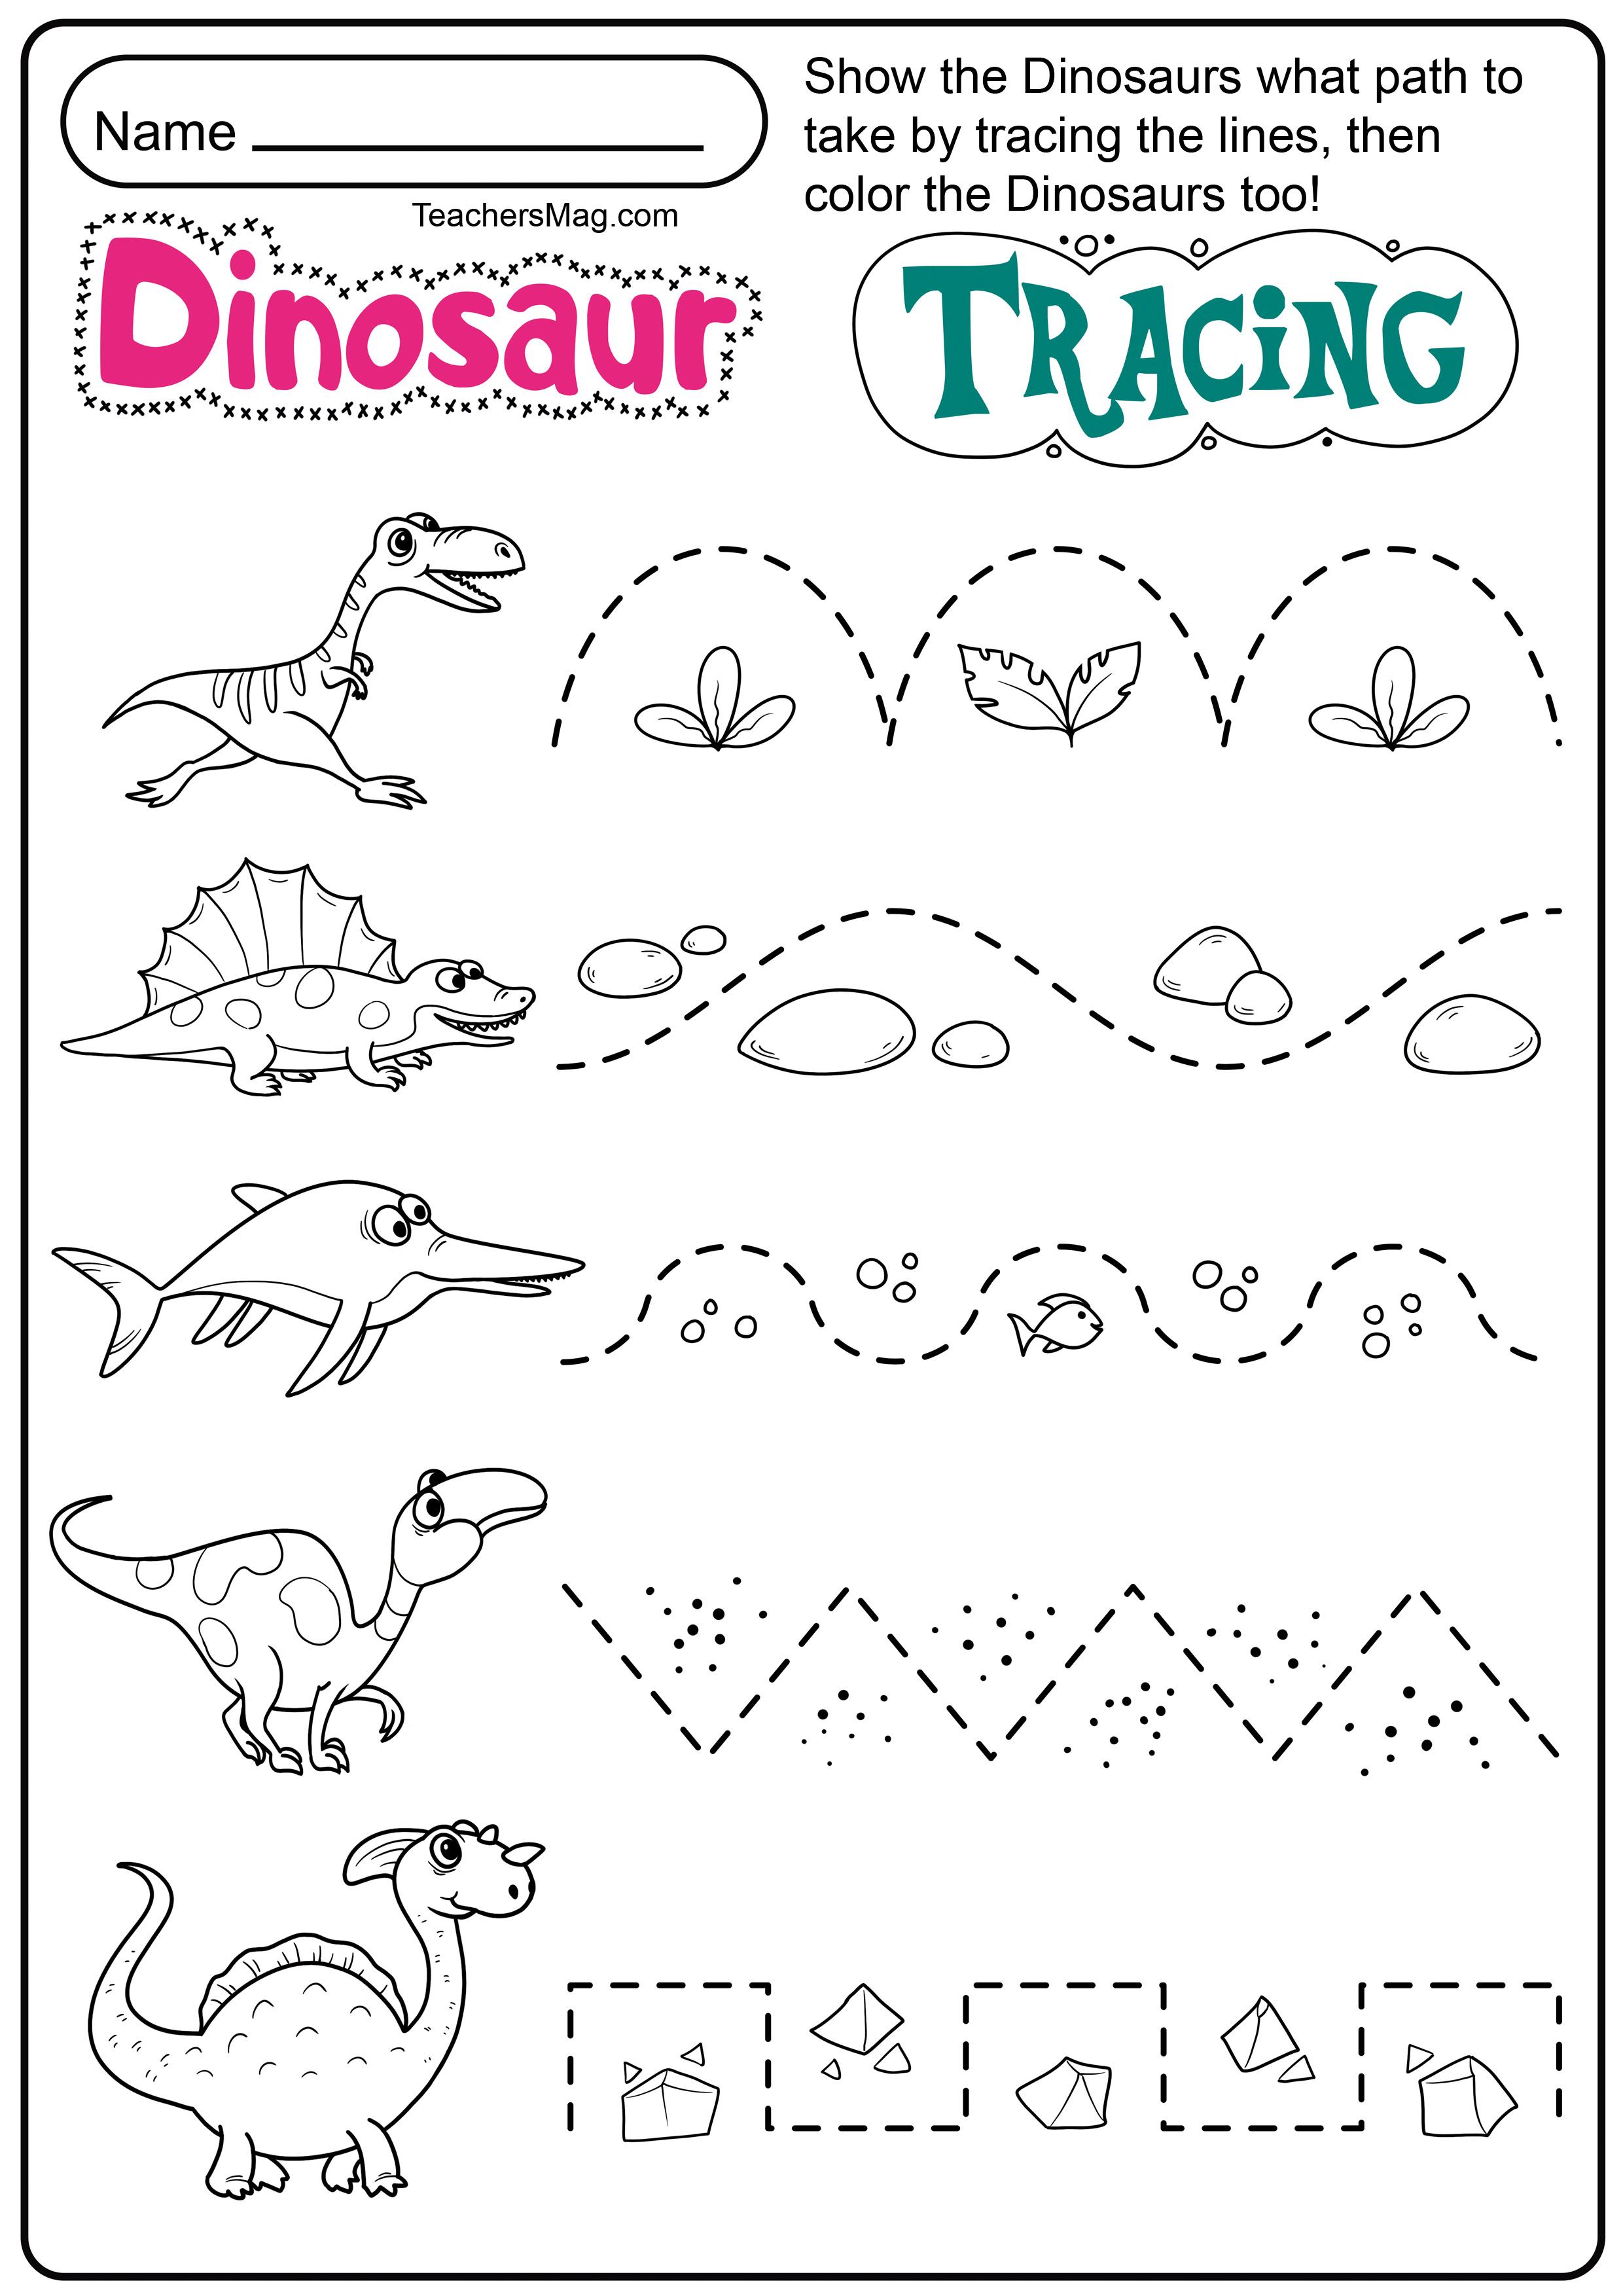 Dinosaur Letters & Number Tracing Worksheets | TeachersMag.com